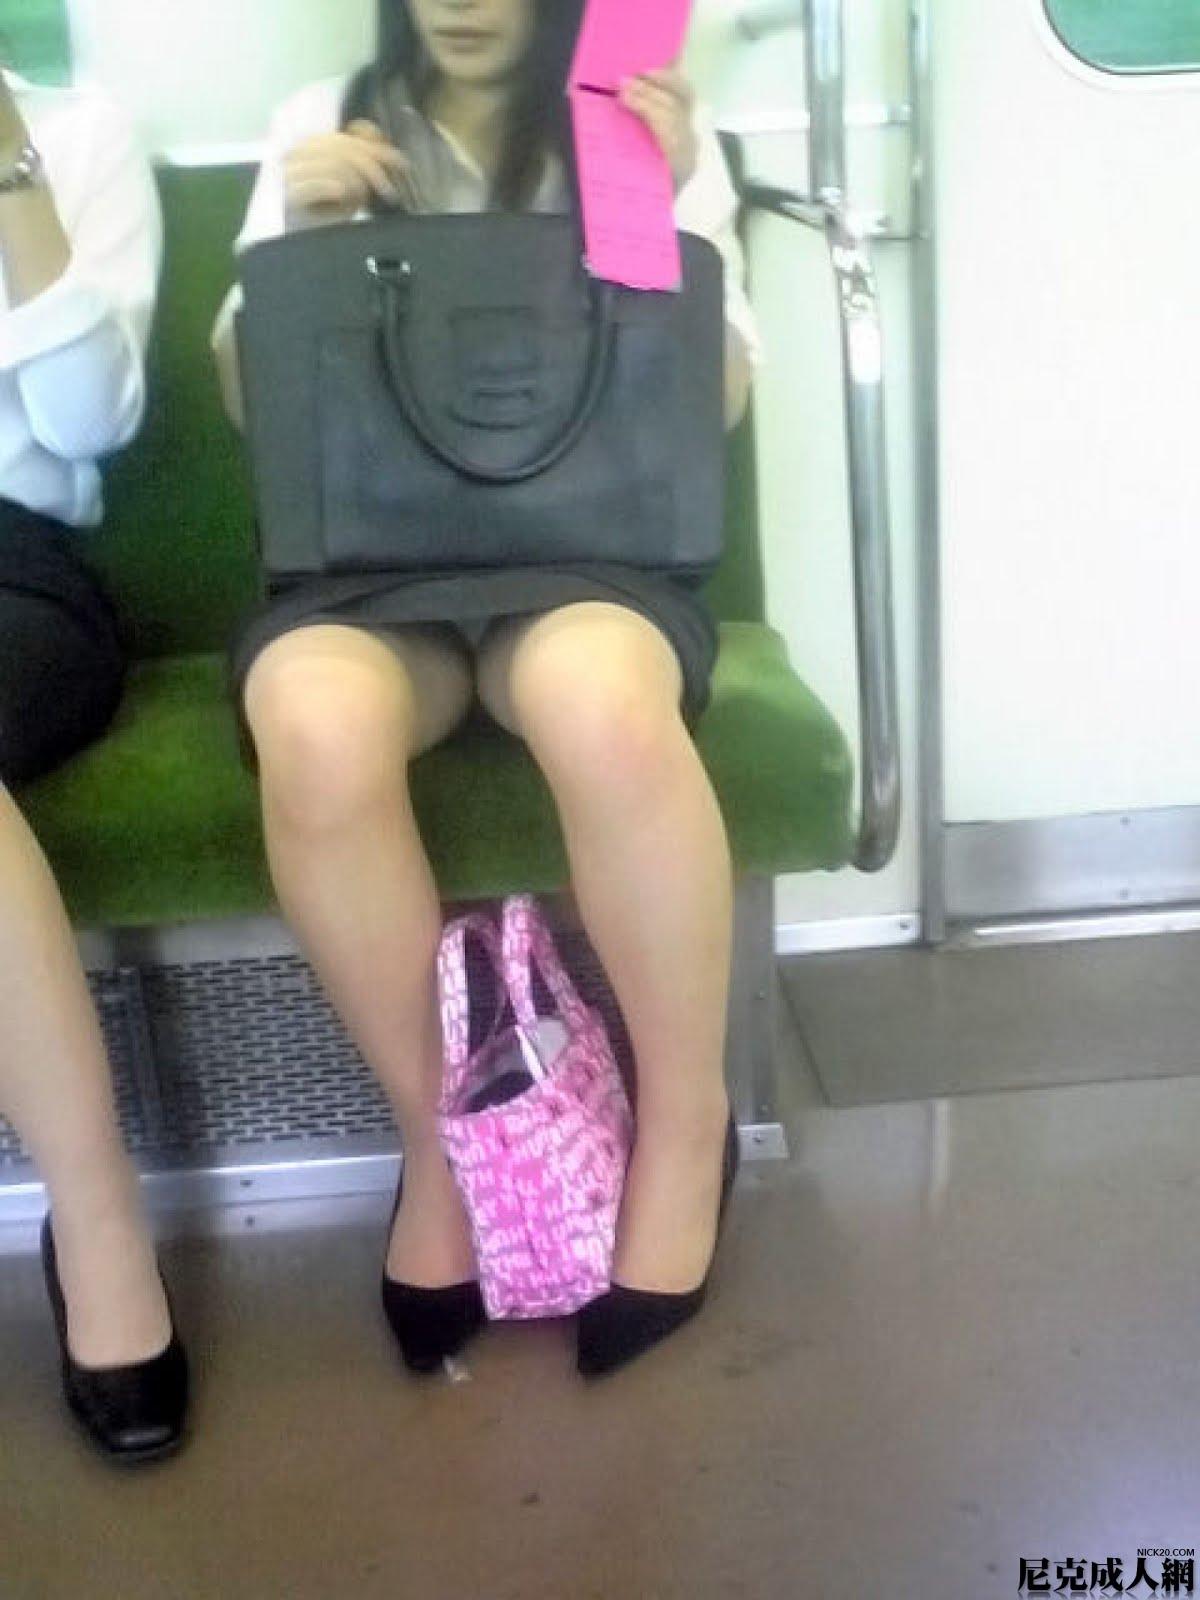 【電車内OL隠し撮り画像】タイトスカートの奥で見え隠れする下着が激エロ…電車内で勃起してしまうOLさんのパンチラ画像 その1